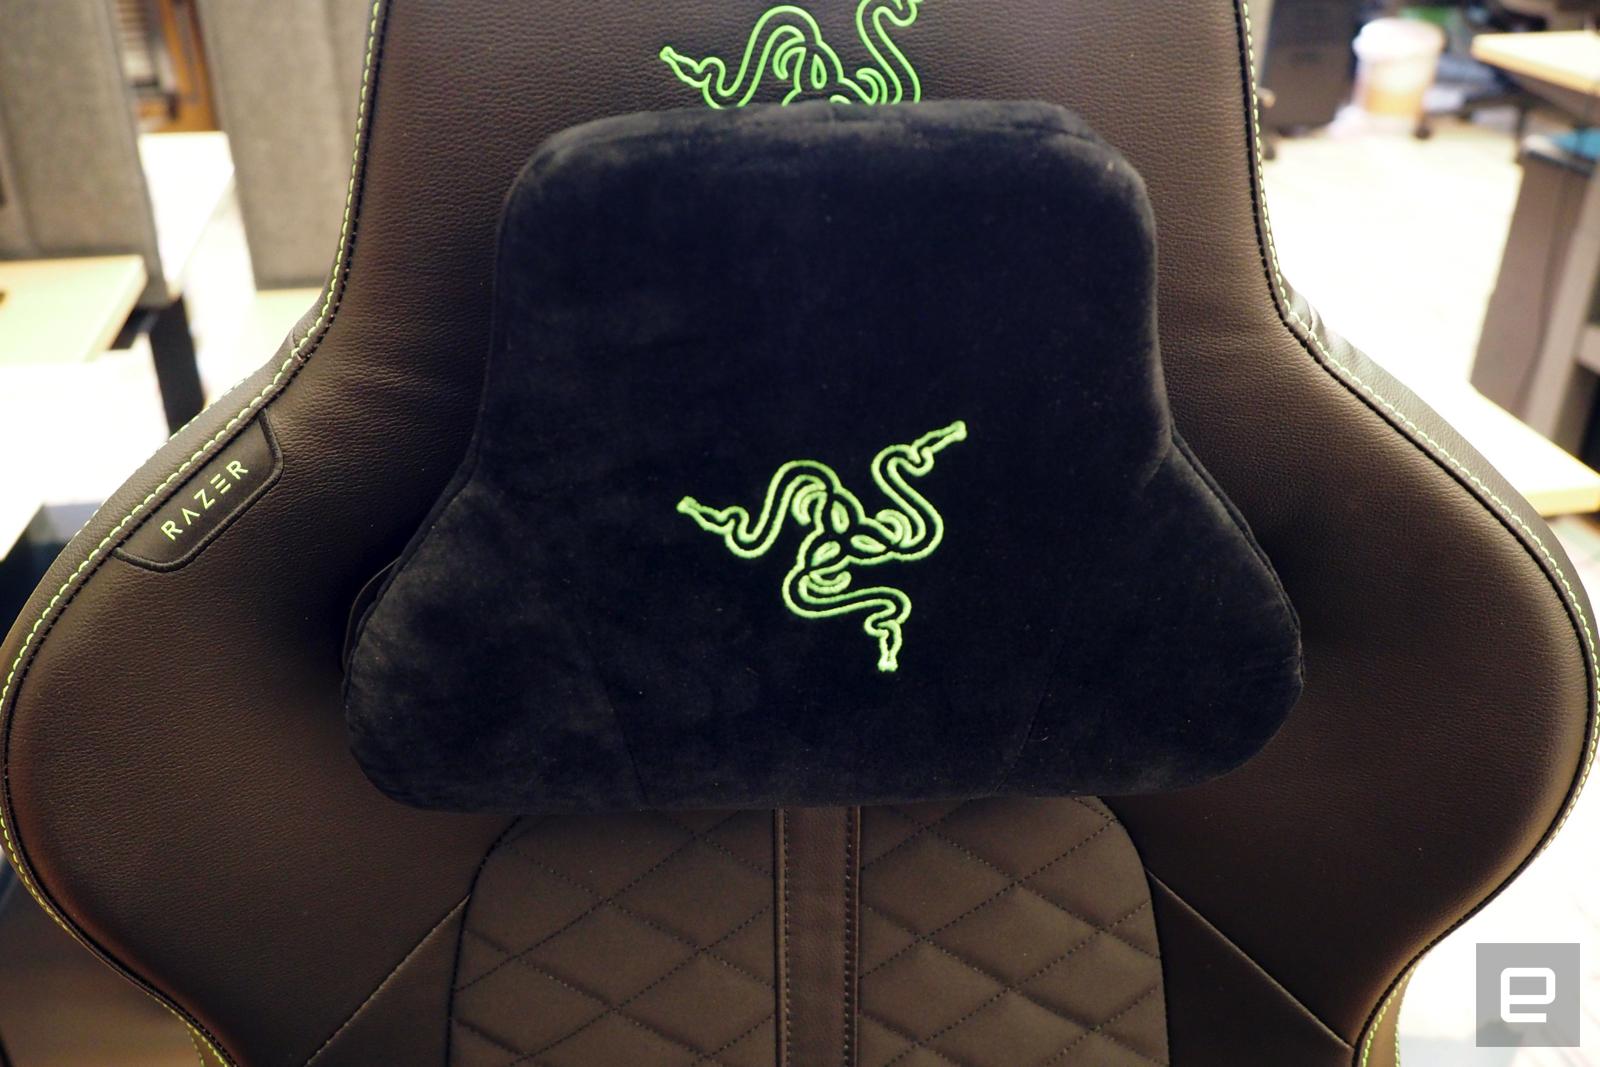 The headrest on the Razer Enki, it sucks